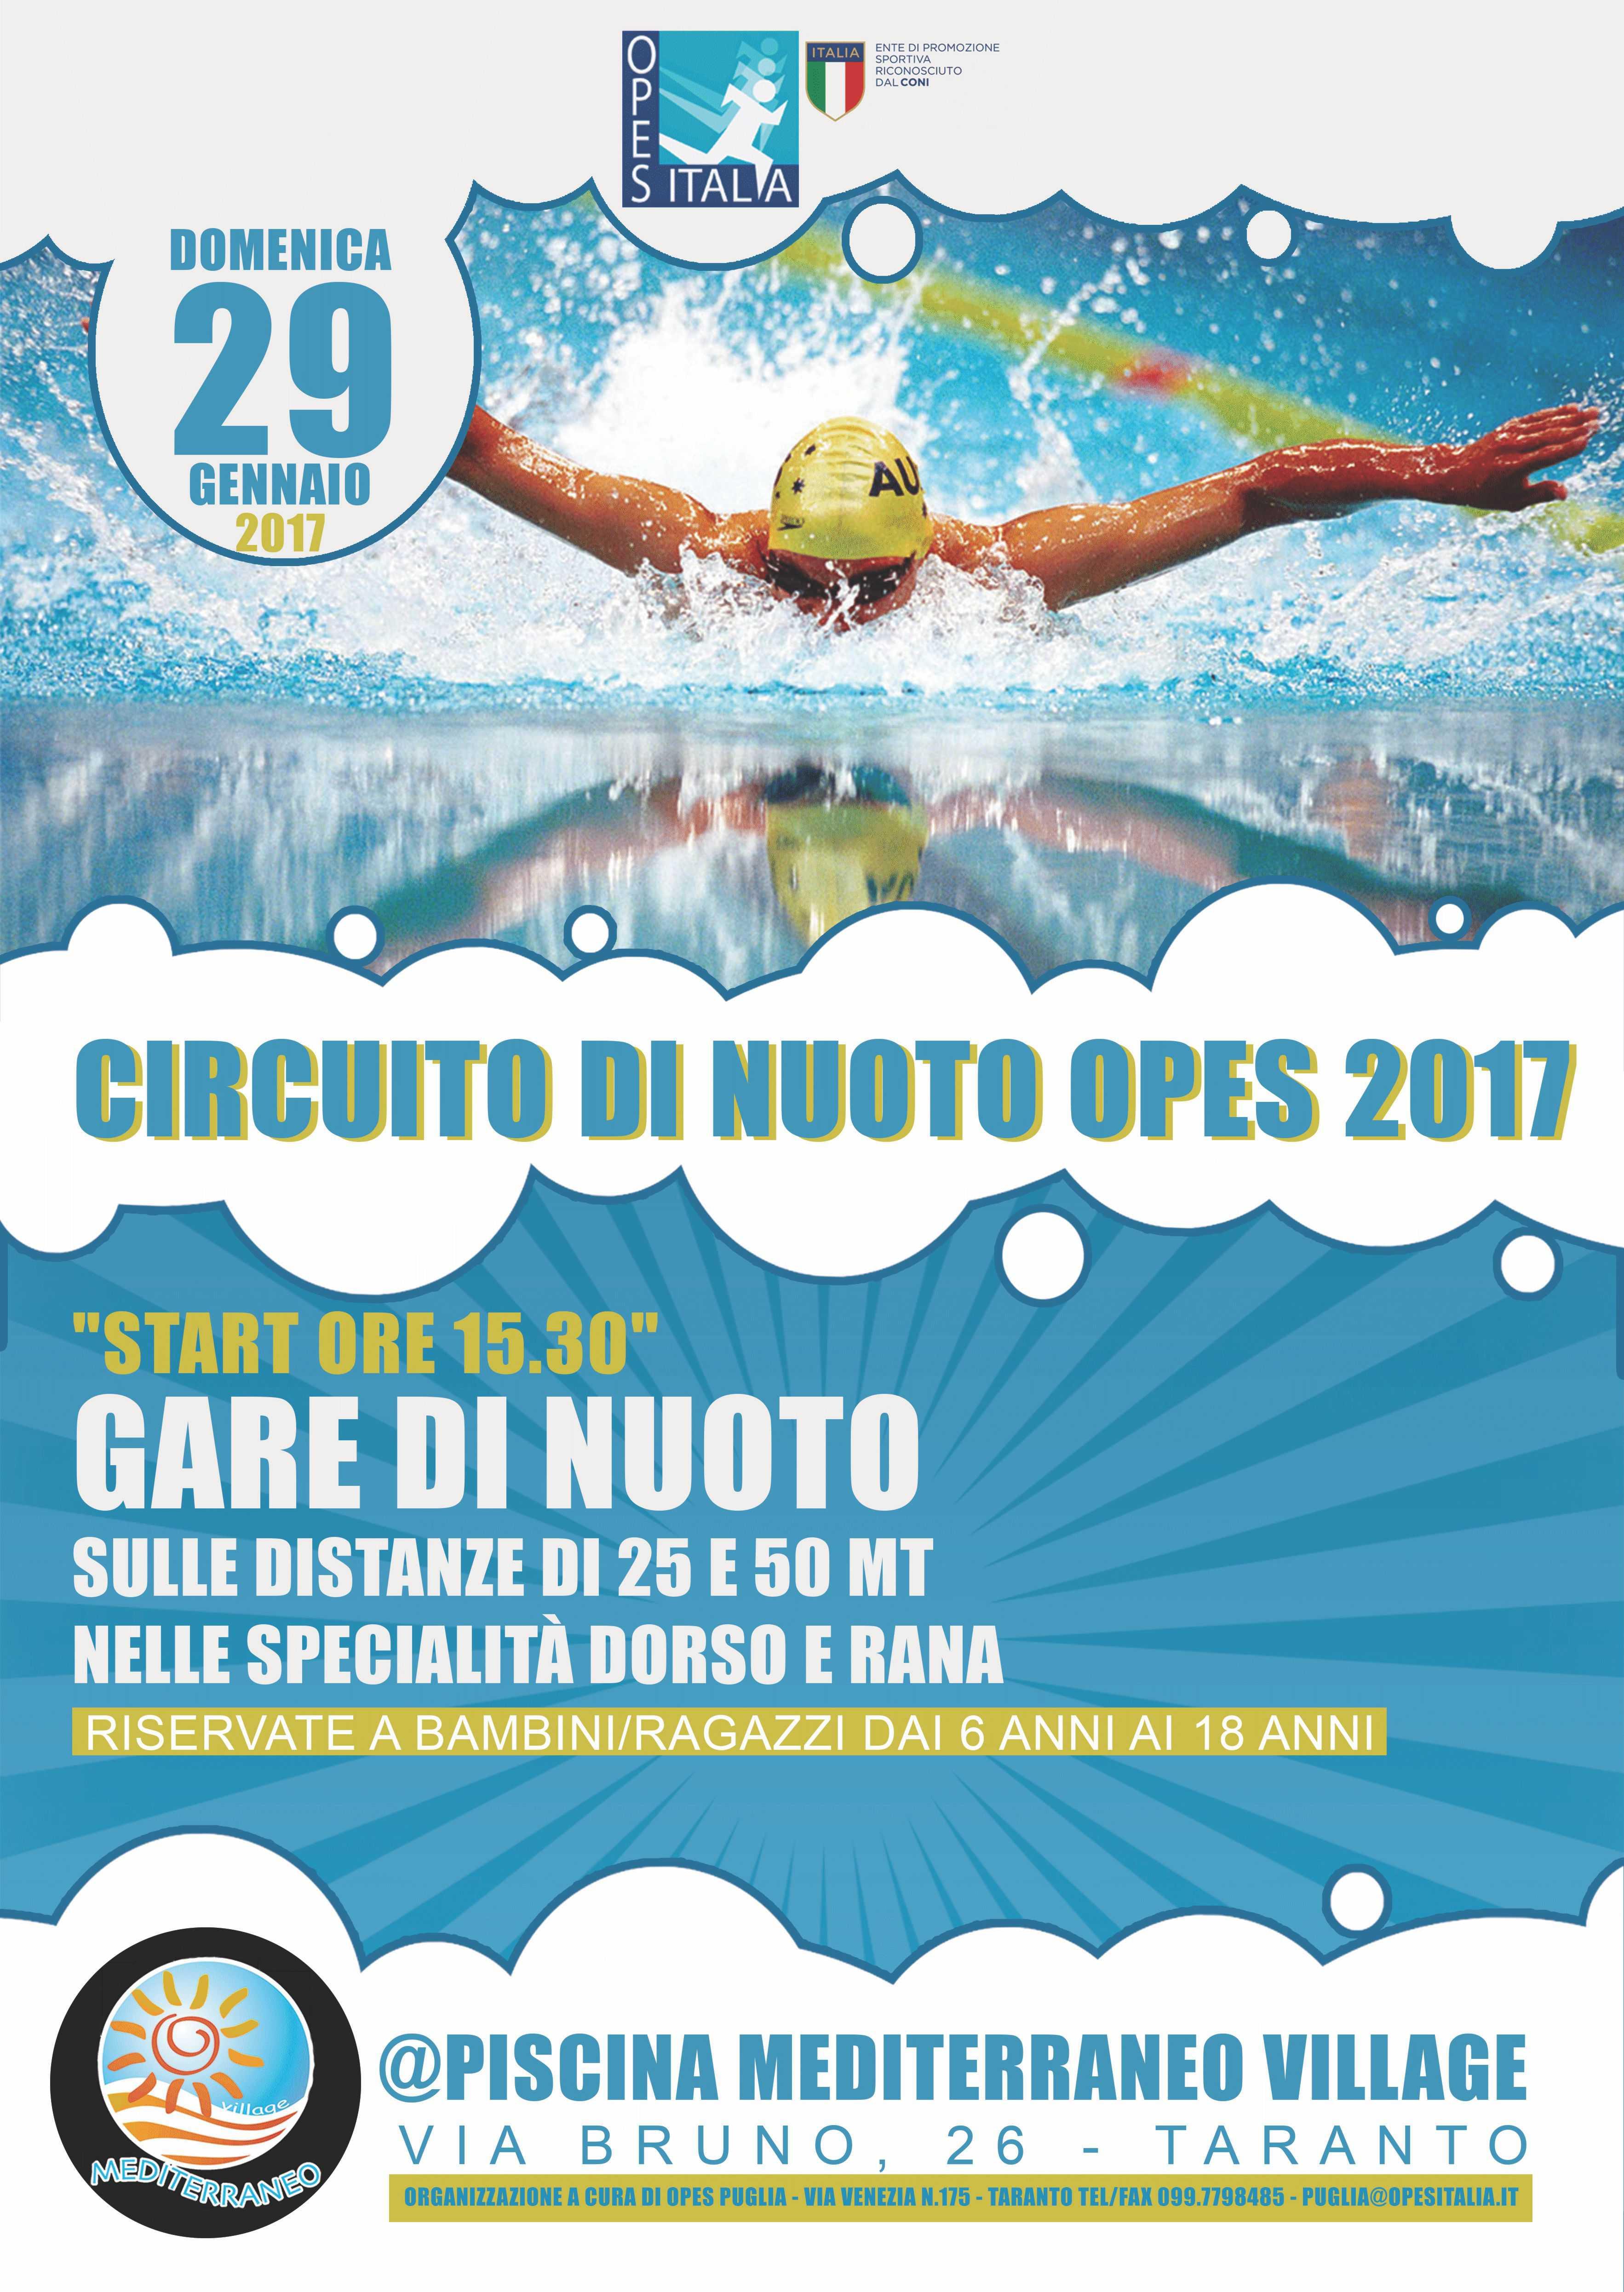 A taranto il circuito interprovinciale di nuoto opes - Piscina mediterraneo taranto ...